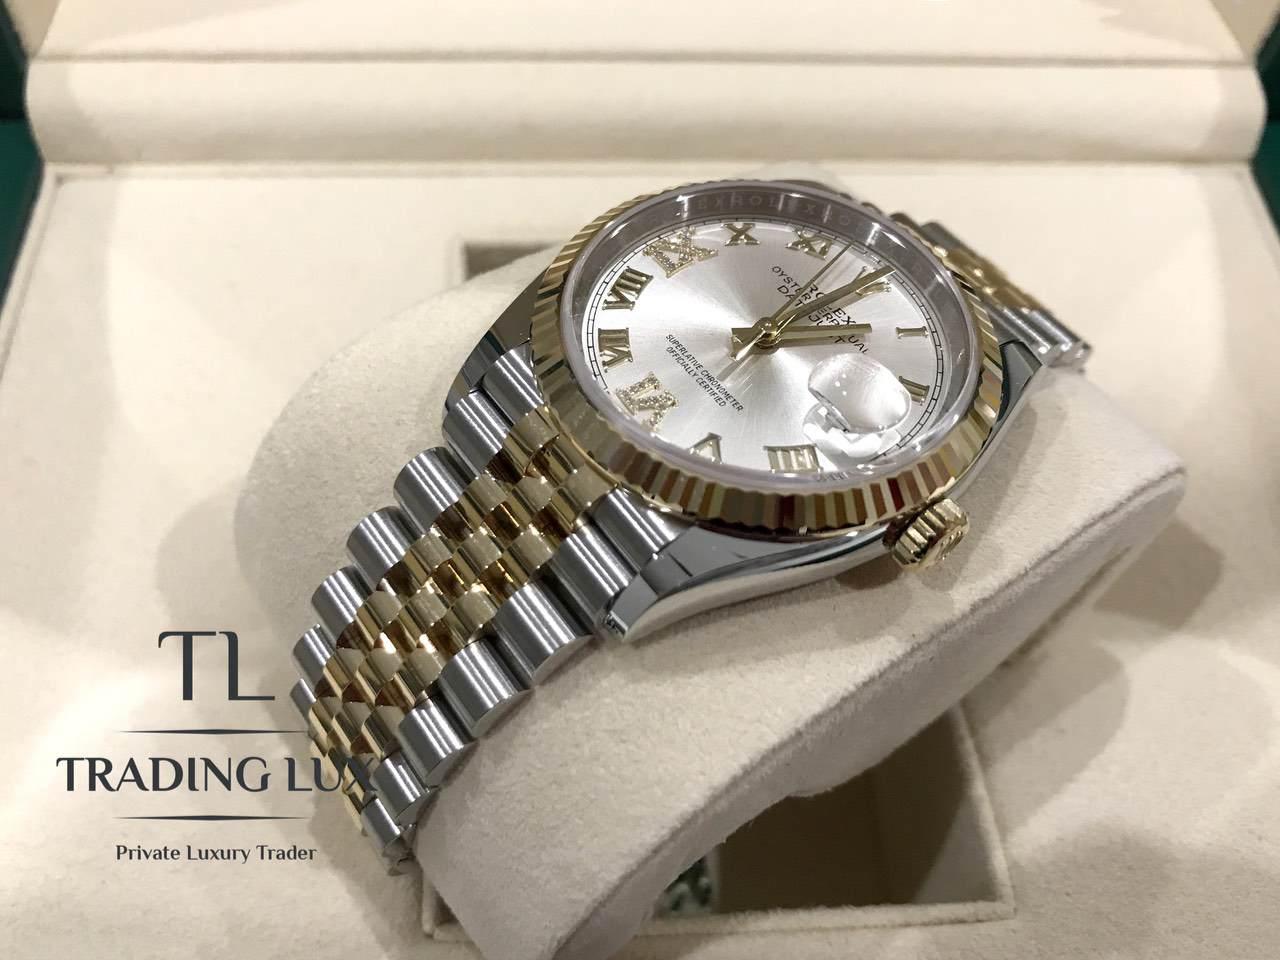 Rolex-Datejust-Silver-Roman-Numeral-126233-6